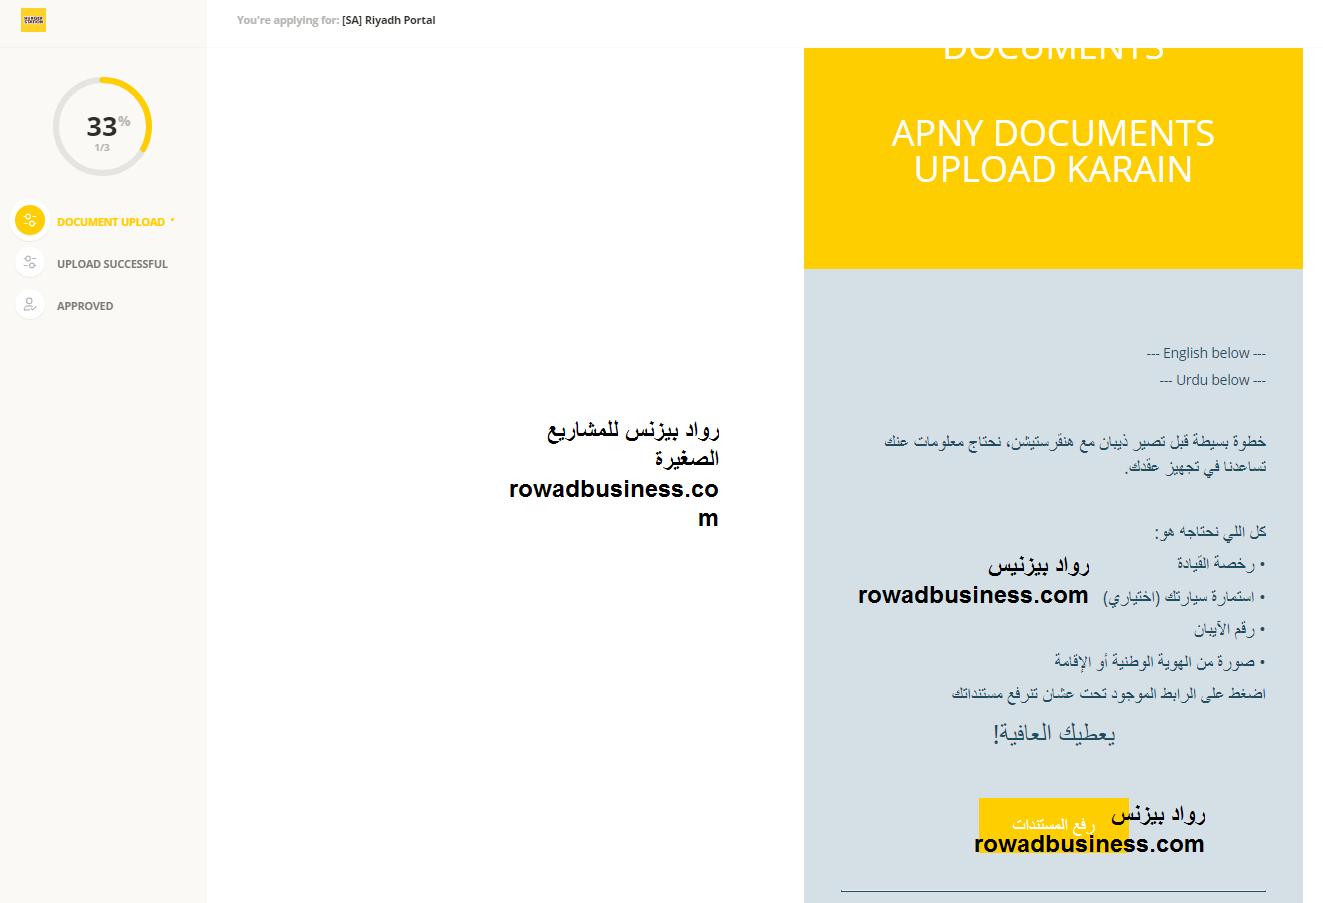 التسجيل في هنقرستيشن توصيل طلبات